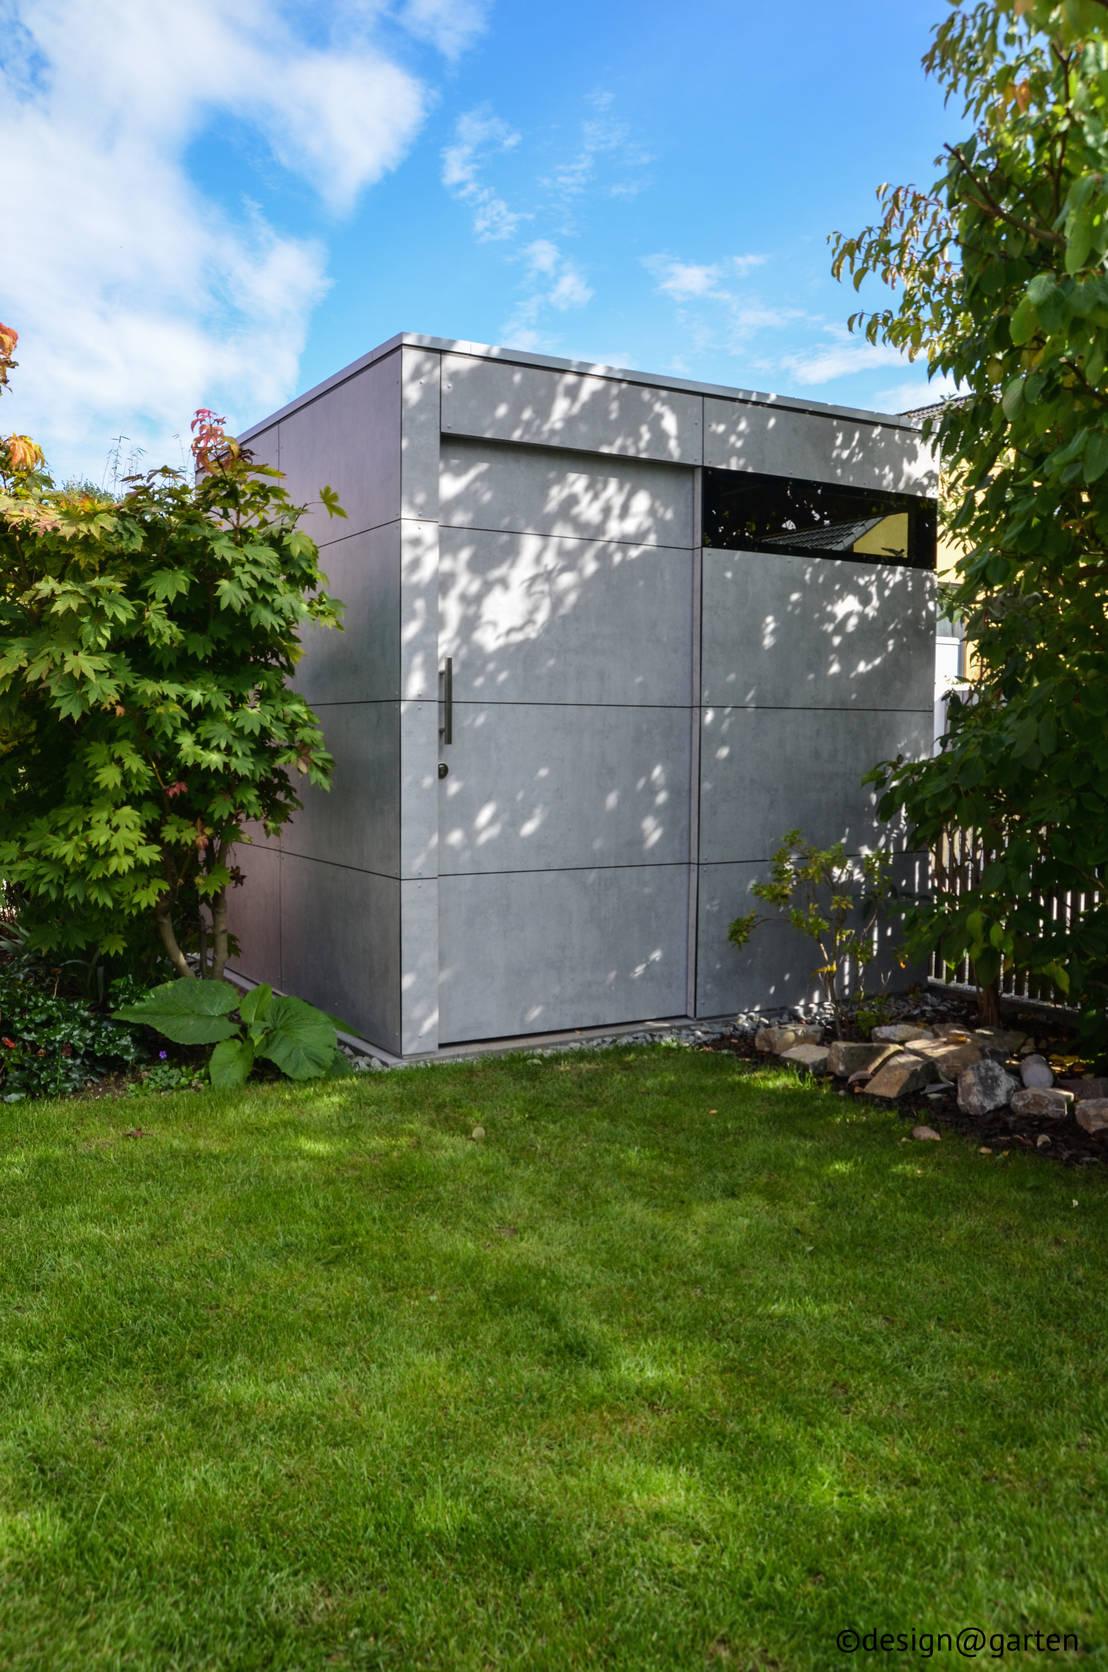 Garten haus  design@garten: gartenhaus @gart zwei - Augsburg | homify